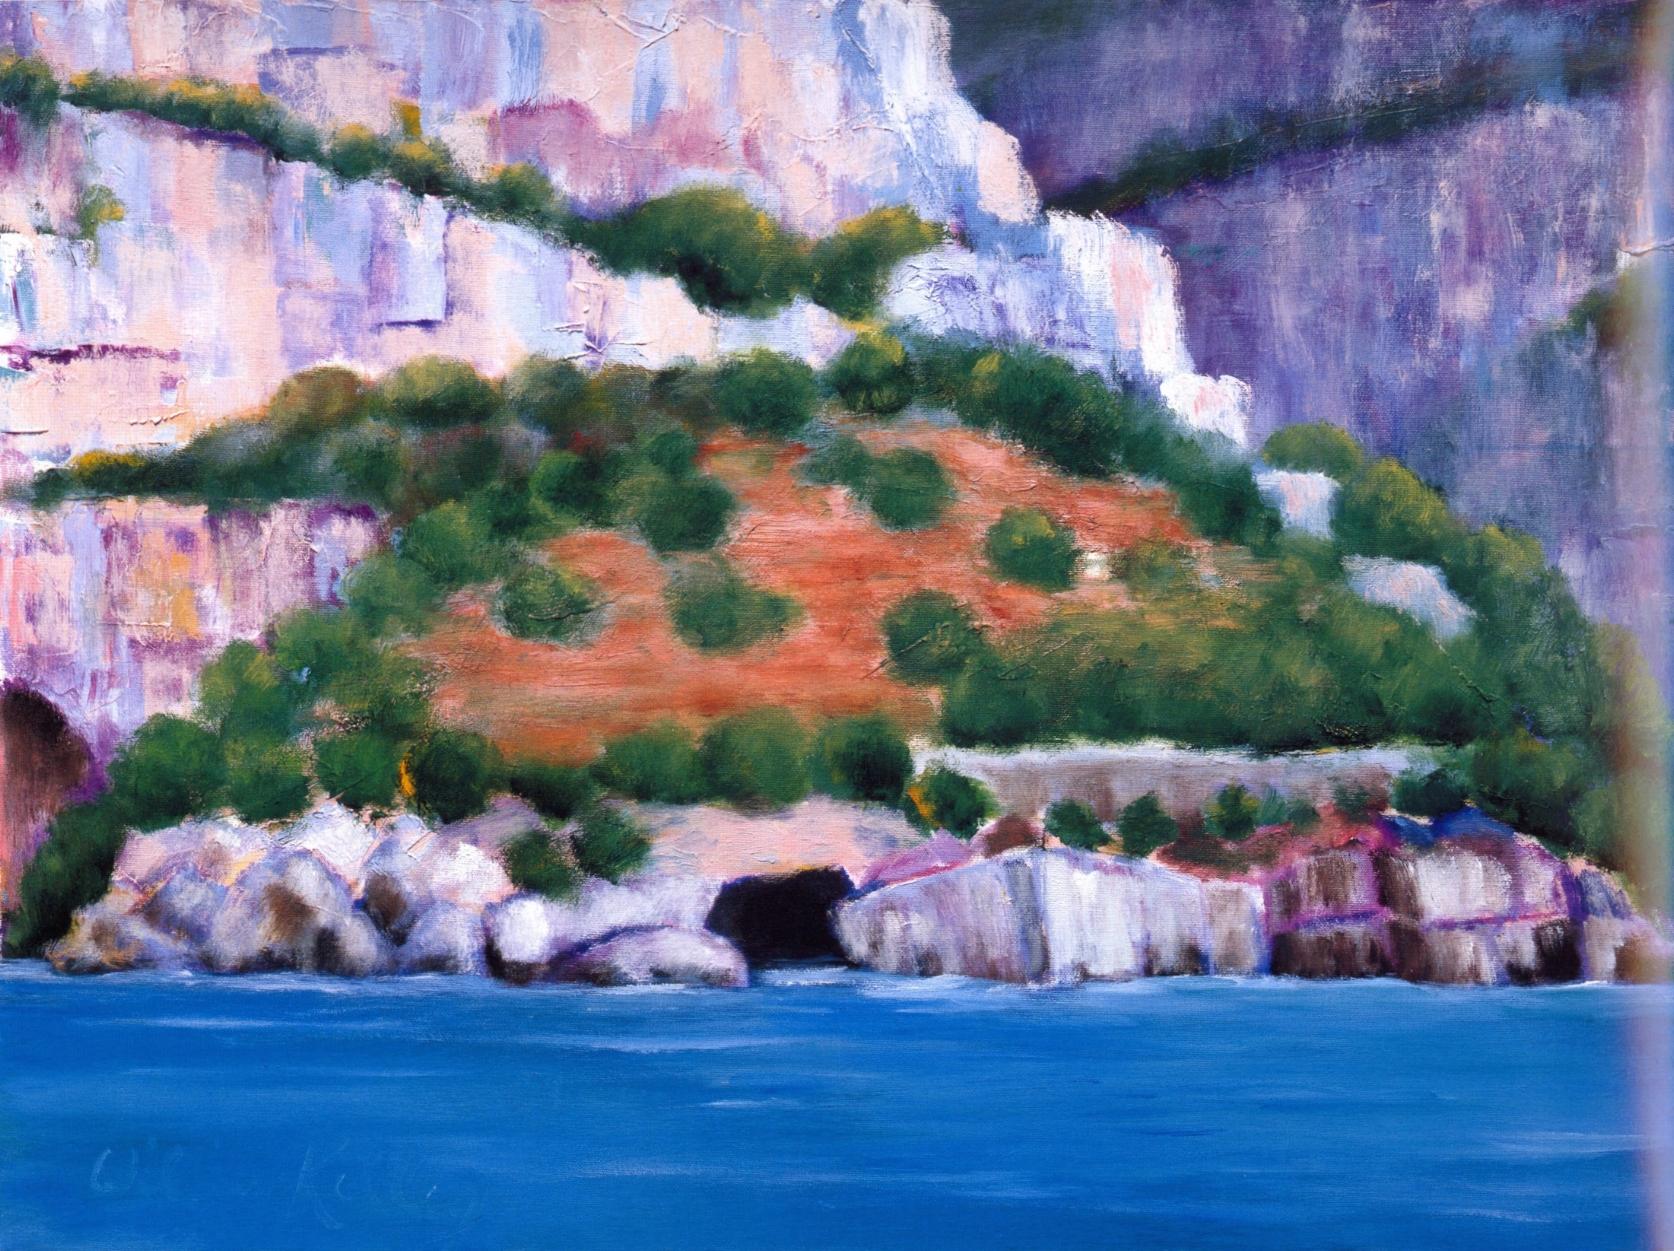 Il Grotto Emeraldo, Amalfi   Oil on canvas, 28'' x 36'', 2004